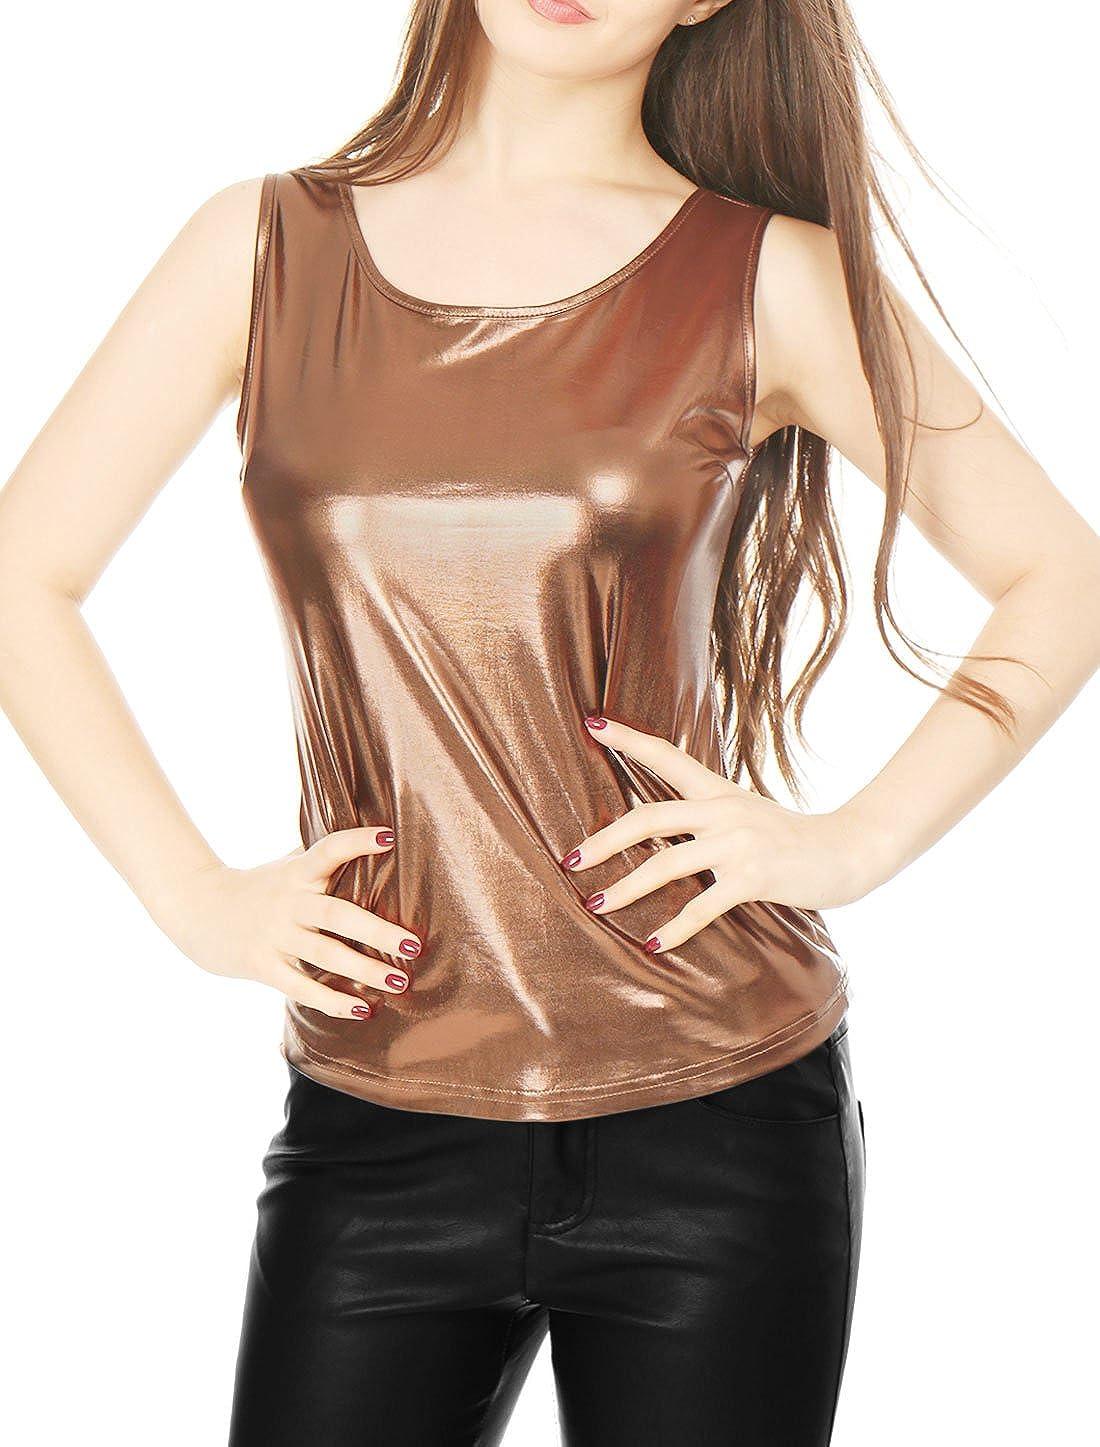 TALLA XL. Allegra K Mujer Camiseta Sin Mangas Estilo Metálico Cuello U Neck Ajustado Día De San Patricio